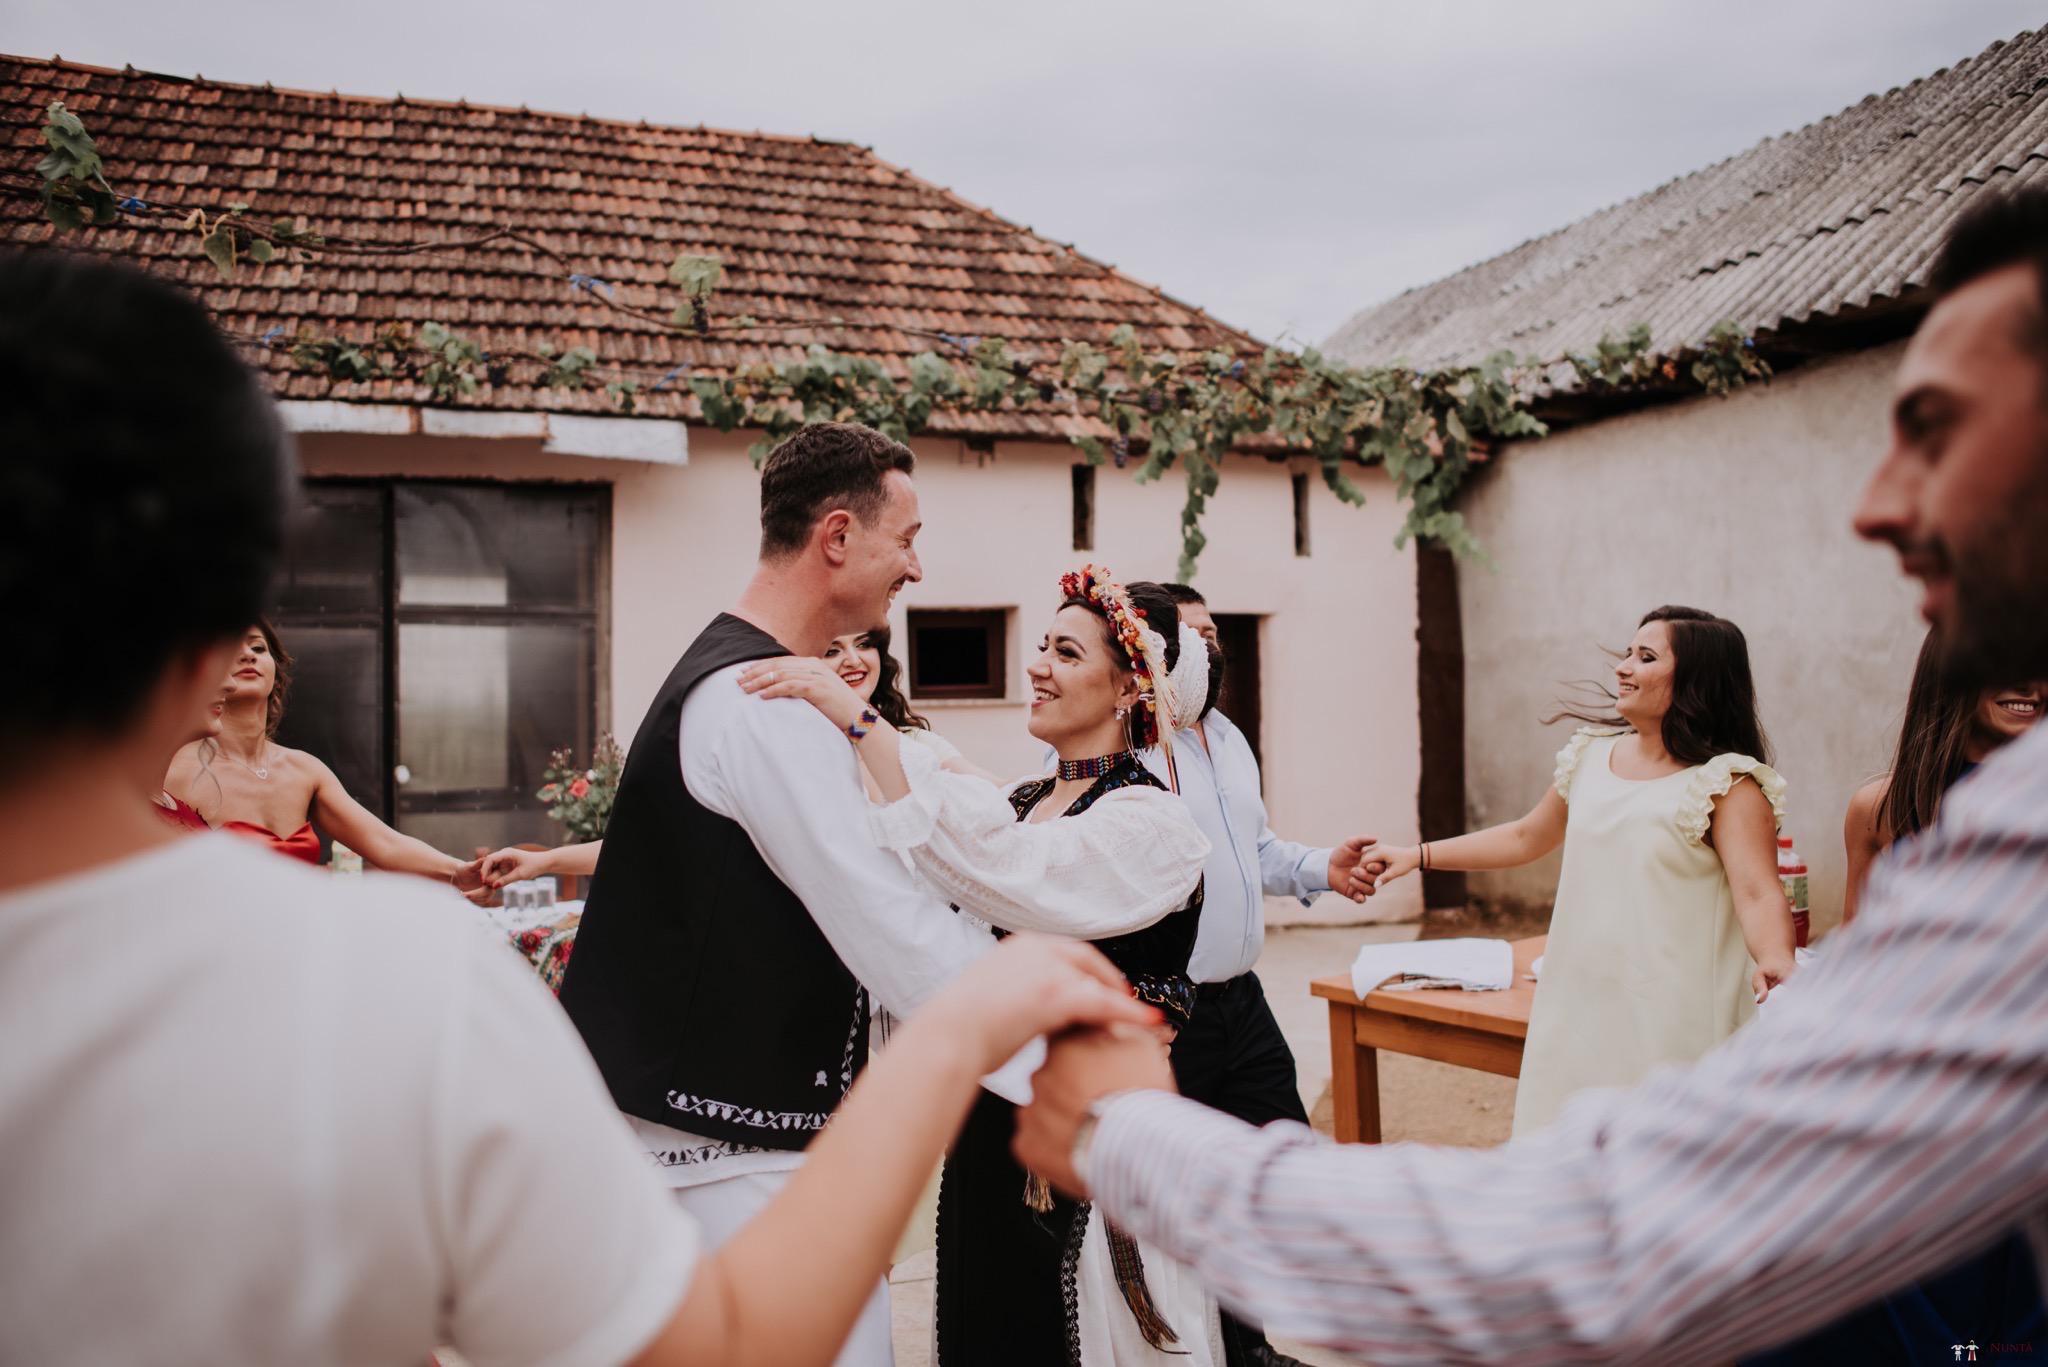 Povești Nunți Tradiționale - Silvia și Adrian. Nuntă tradițională în Ghighișeni, Bihor 37